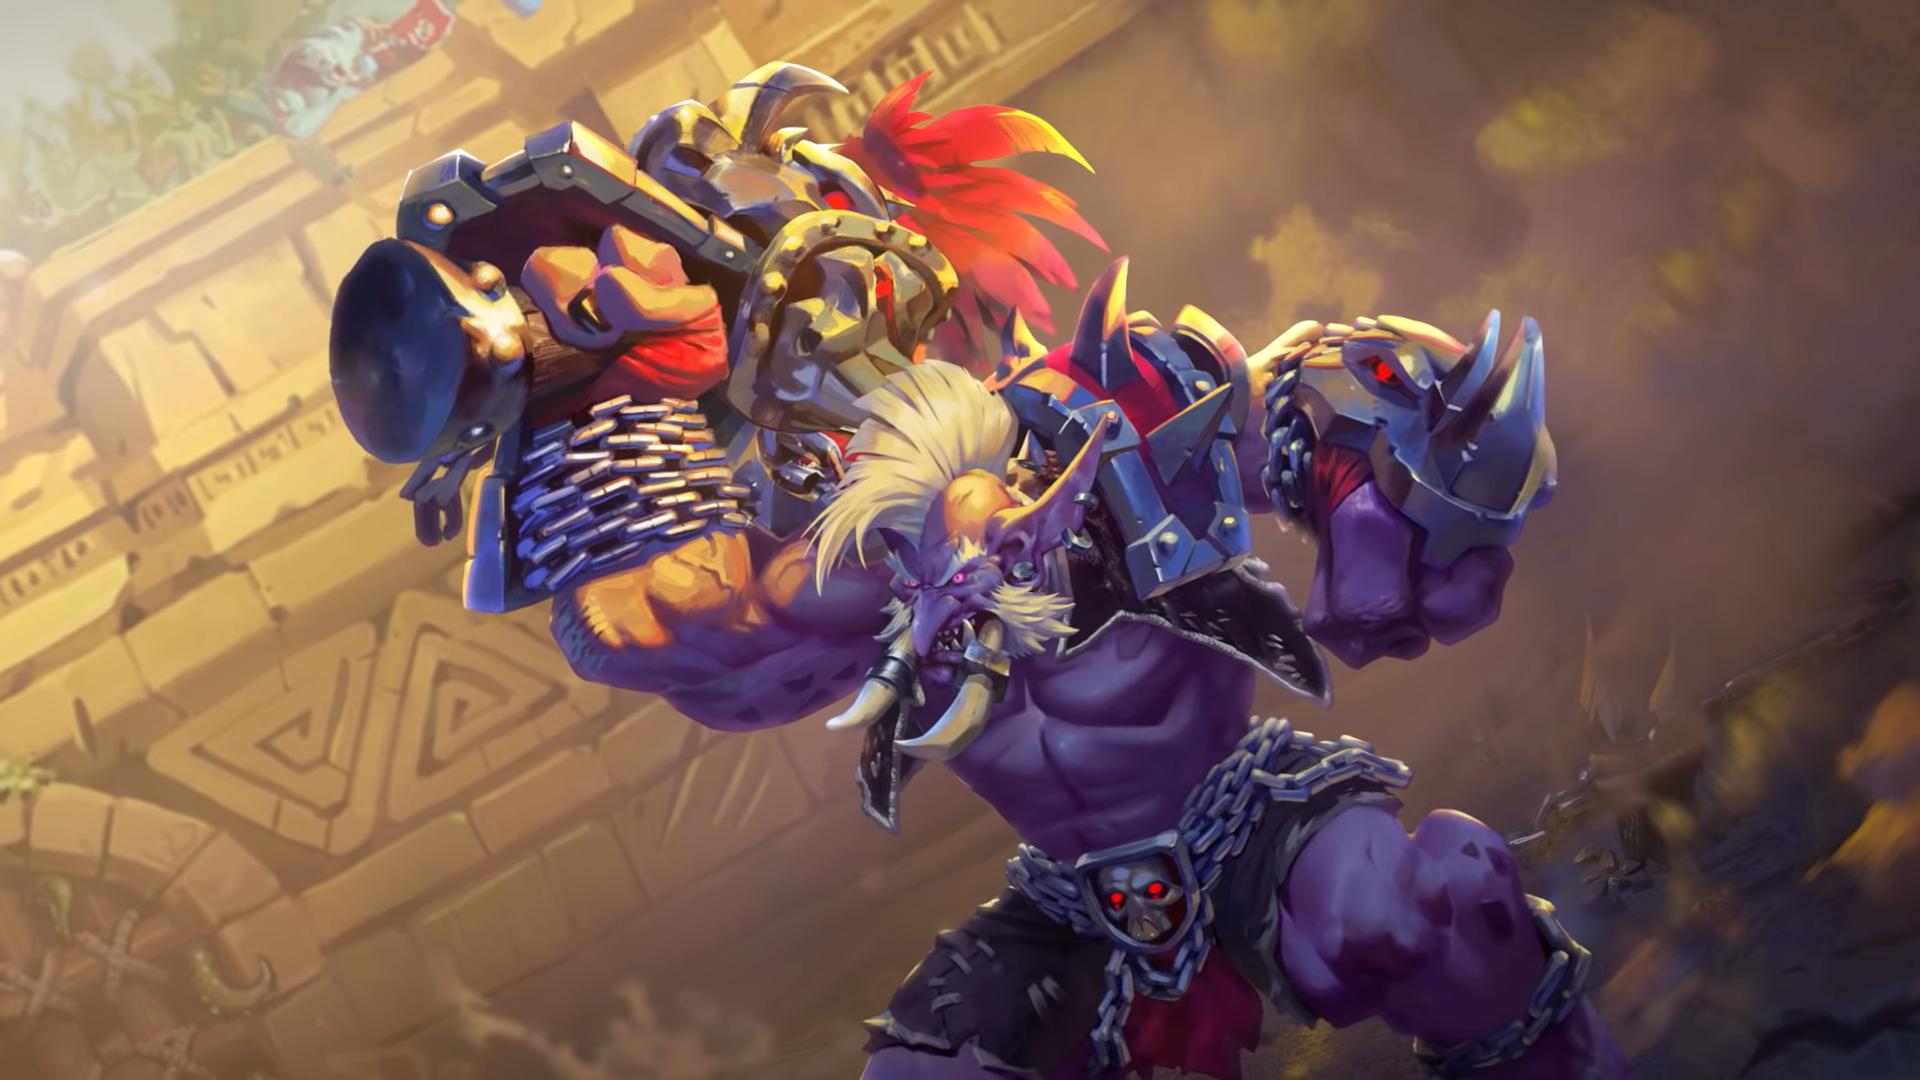 New Hearthstone Legendary card revealed: Gonk, the Raptor